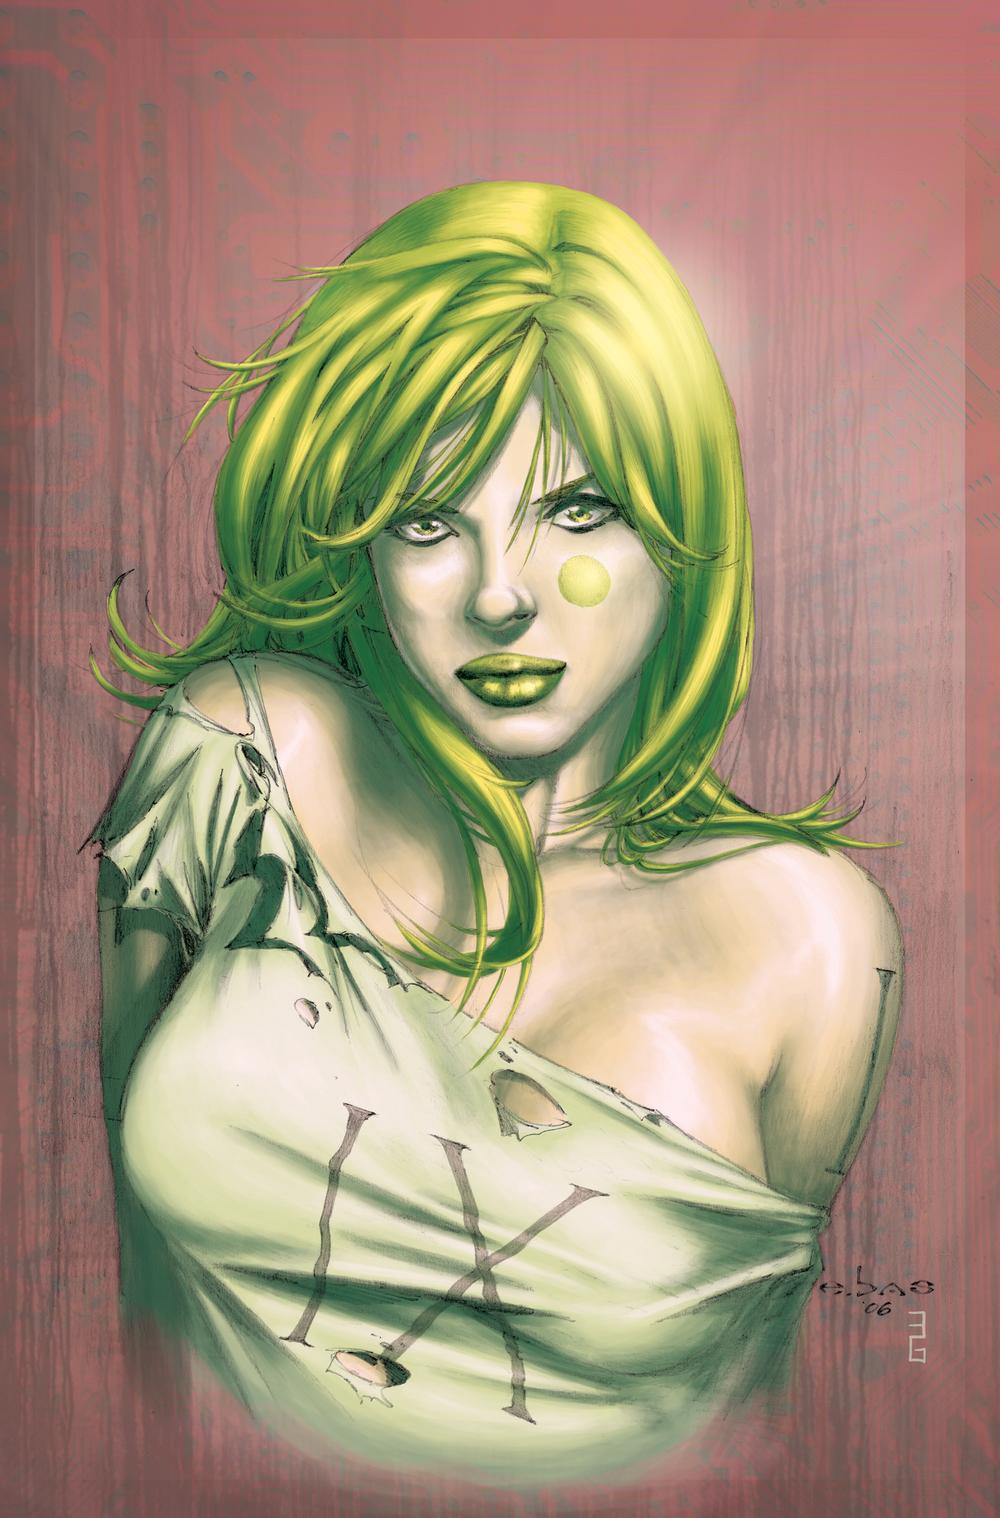 Aphrodite IX #4 Variant Cover